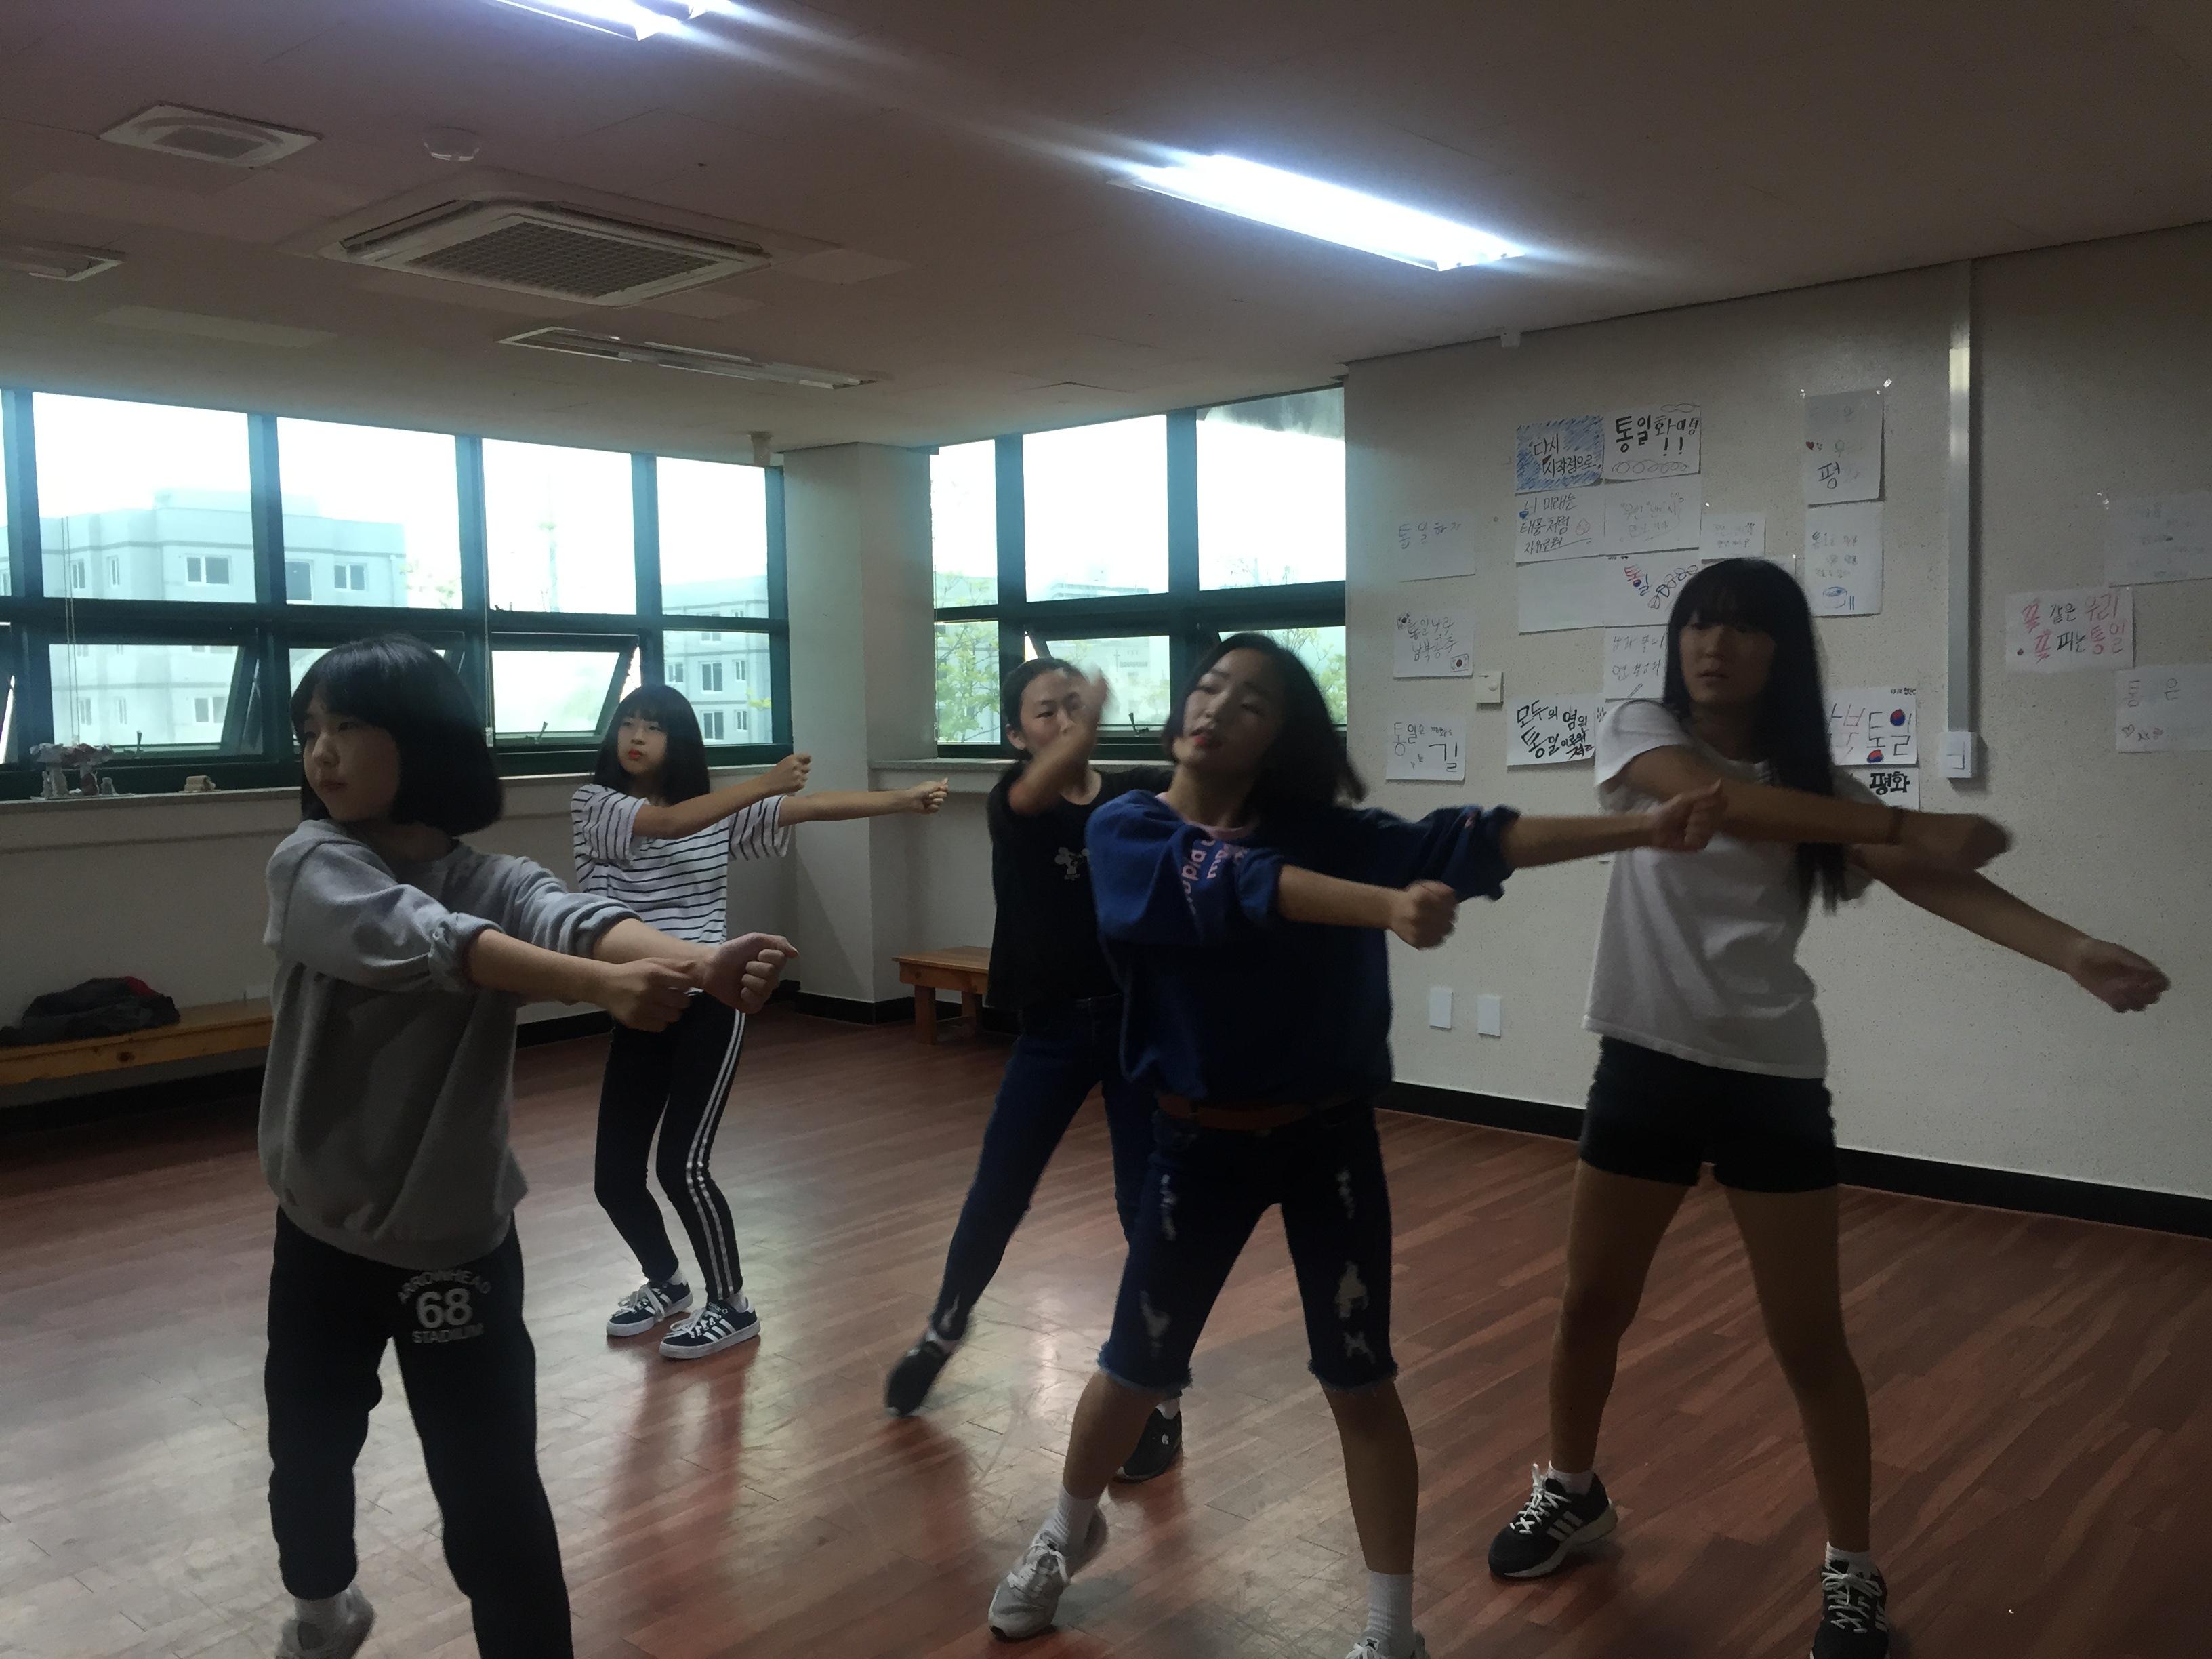 [일반] 1학년 댄스반 자율동아리 활동모습의 첨부이미지 2